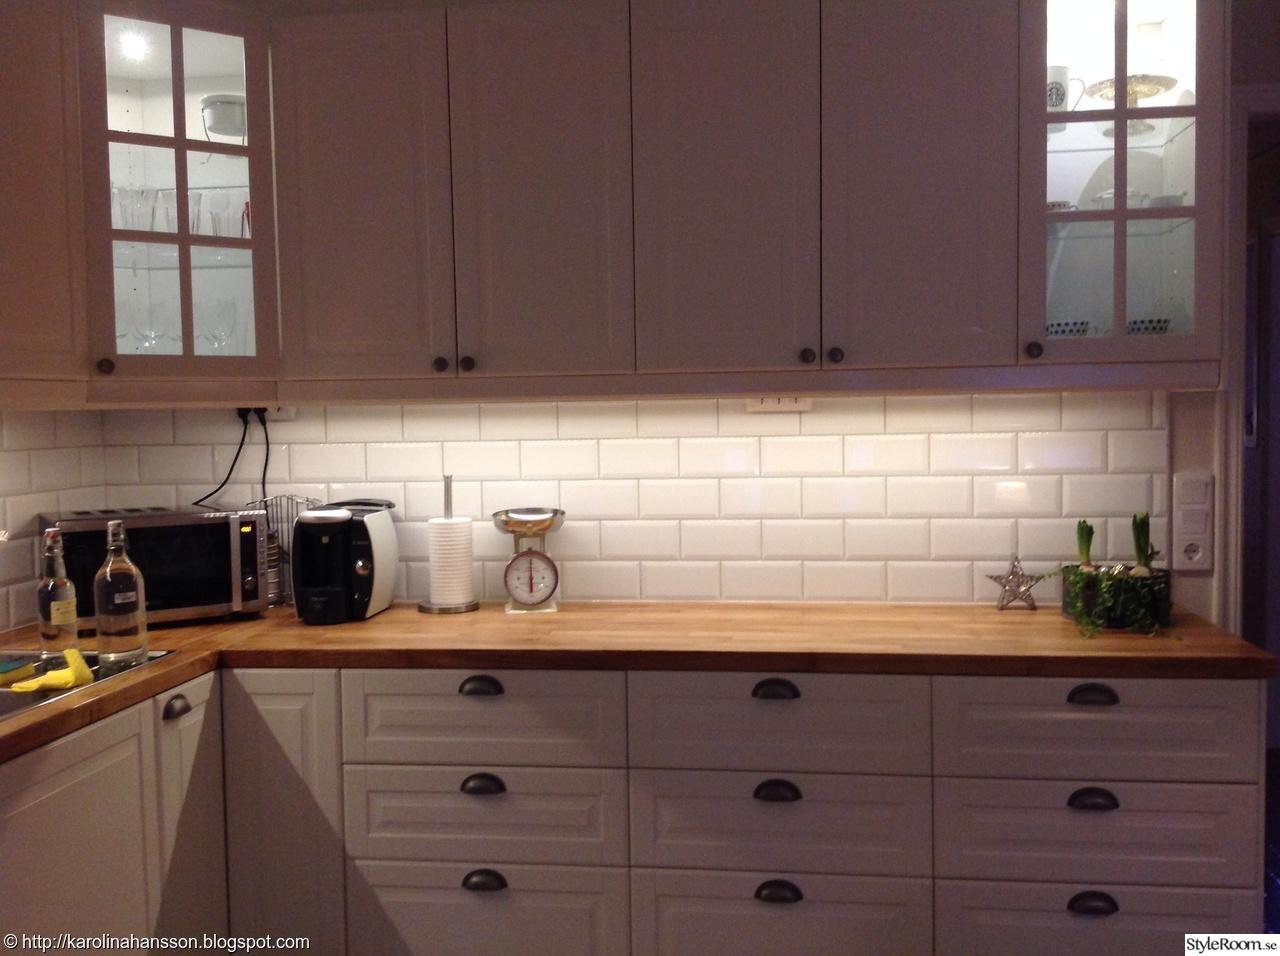 Cocina » Cocina Stat Ikea - Decoración de interiores y diseño de ...